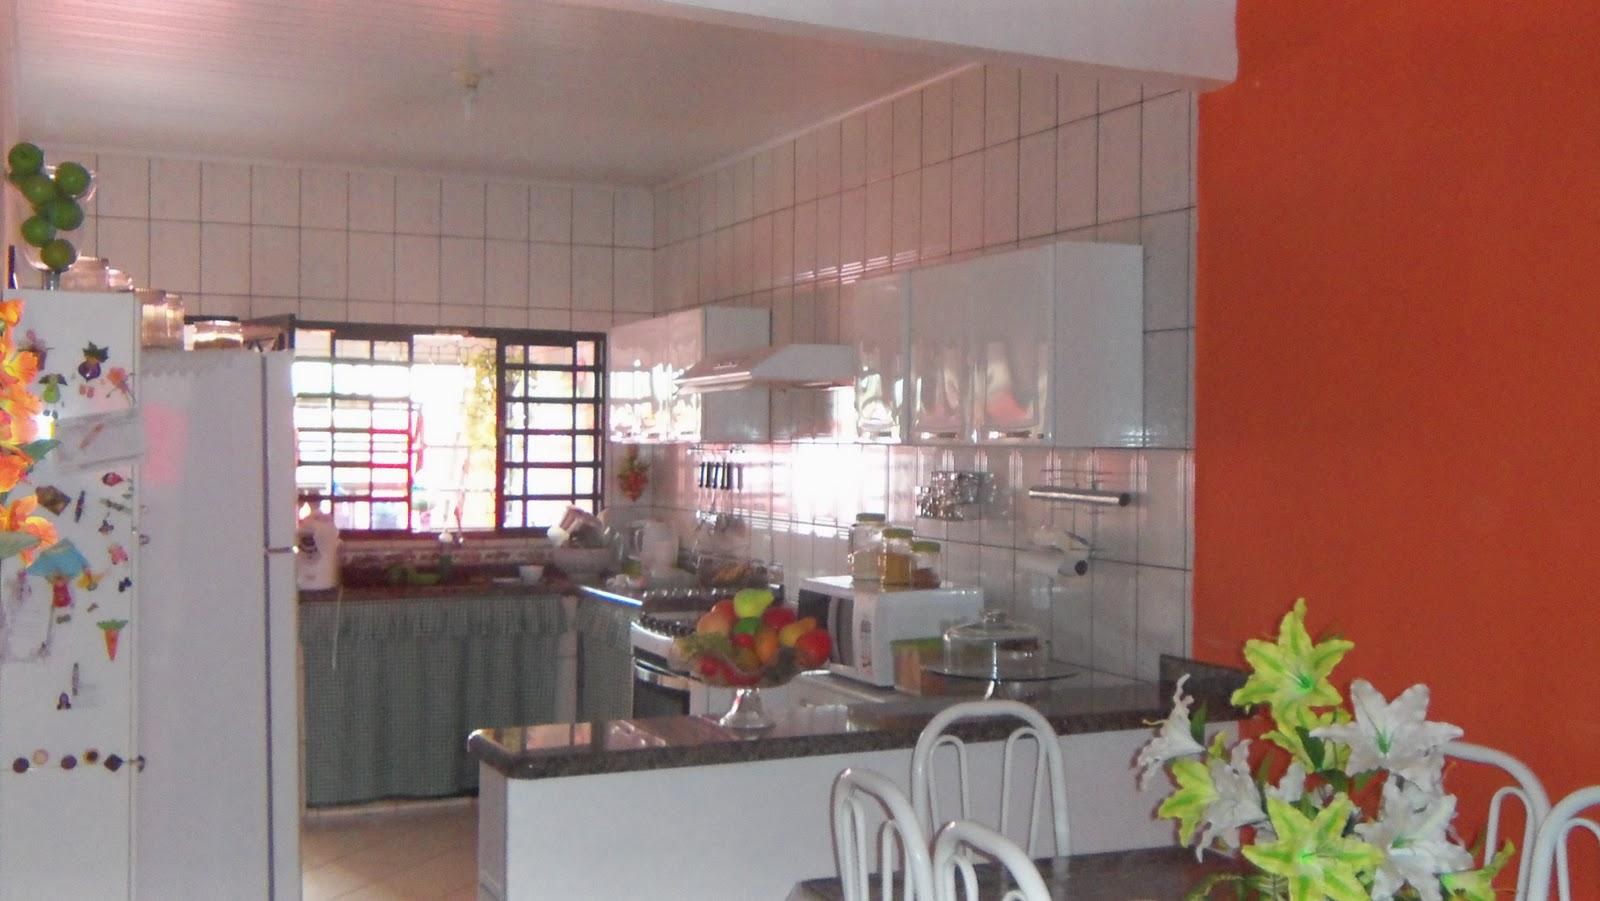 Ferreira Escritório Imobiliário #933B29 1600 901